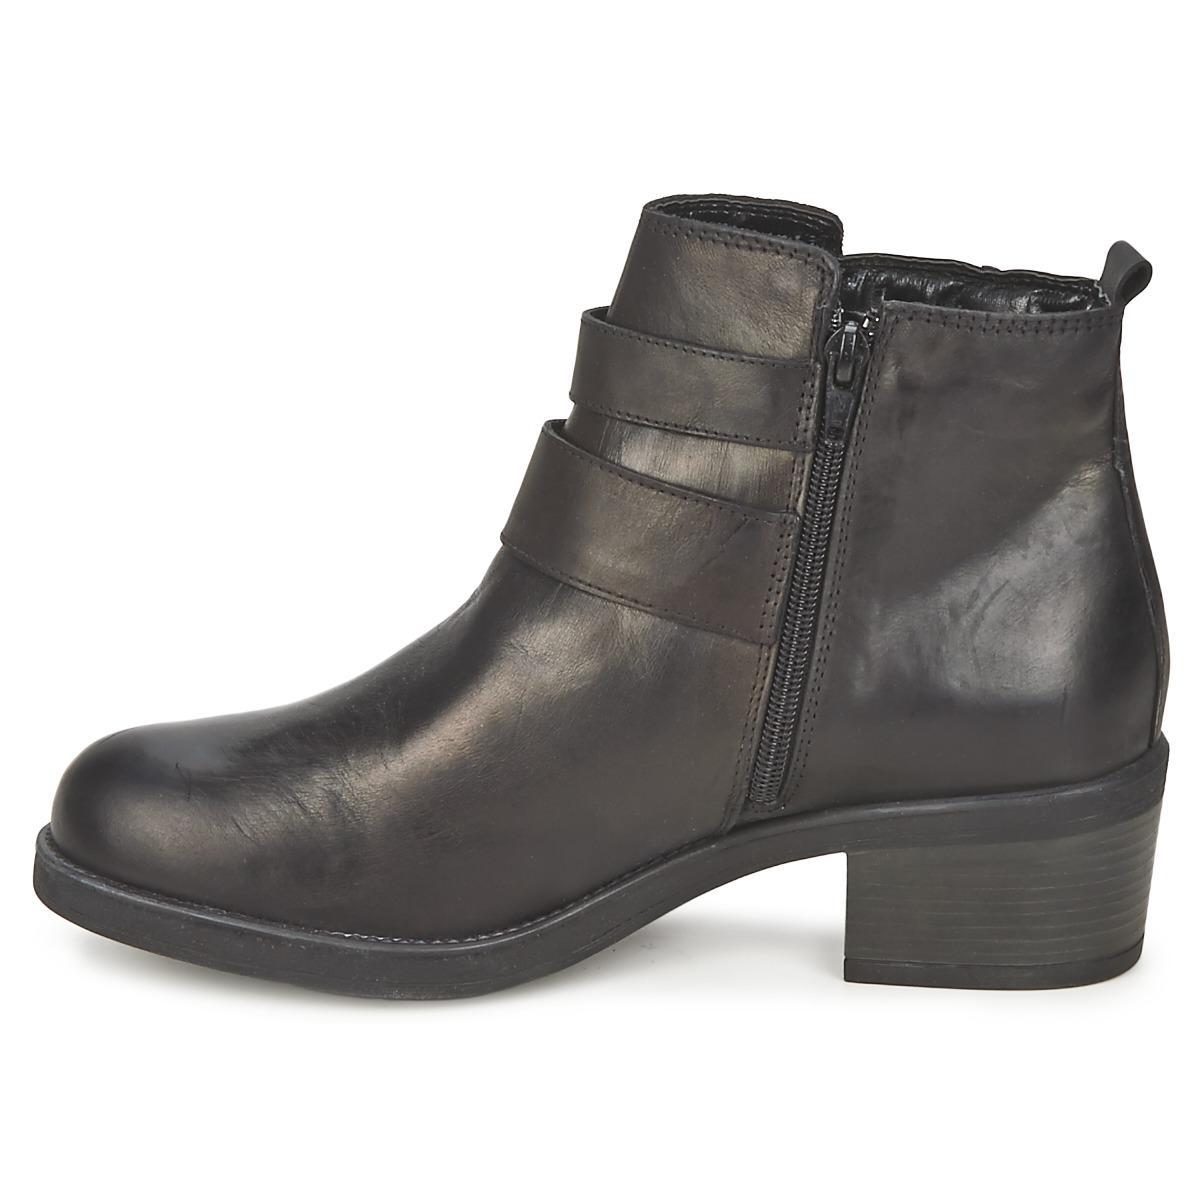 Carvela Kurt Geiger Leather Sputnik Mid Boots in Black